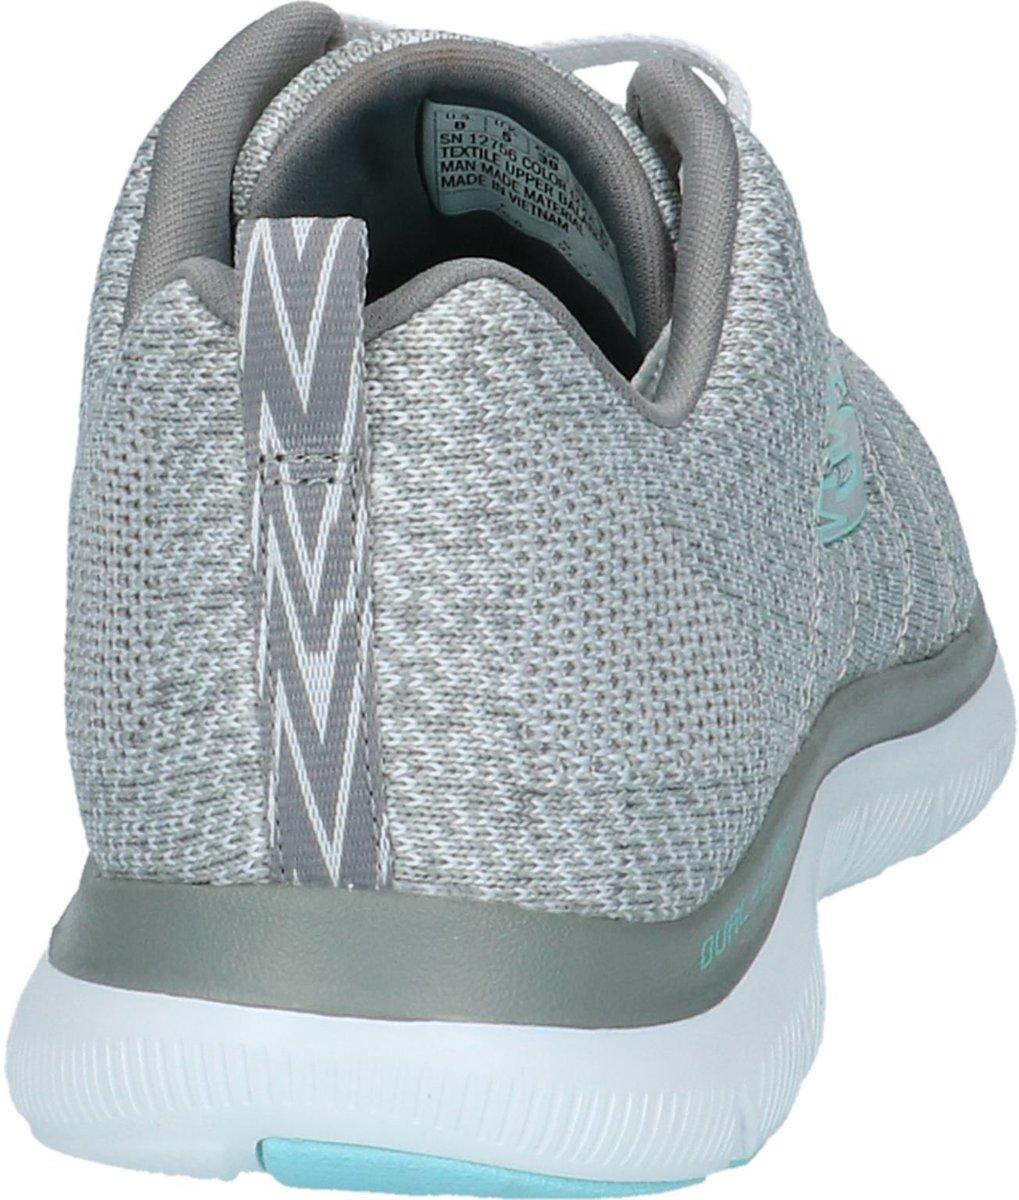 Skechers - 12756 - Coureur De Basket - Femmes - Taille 35 - Gris, Gris - Wgy